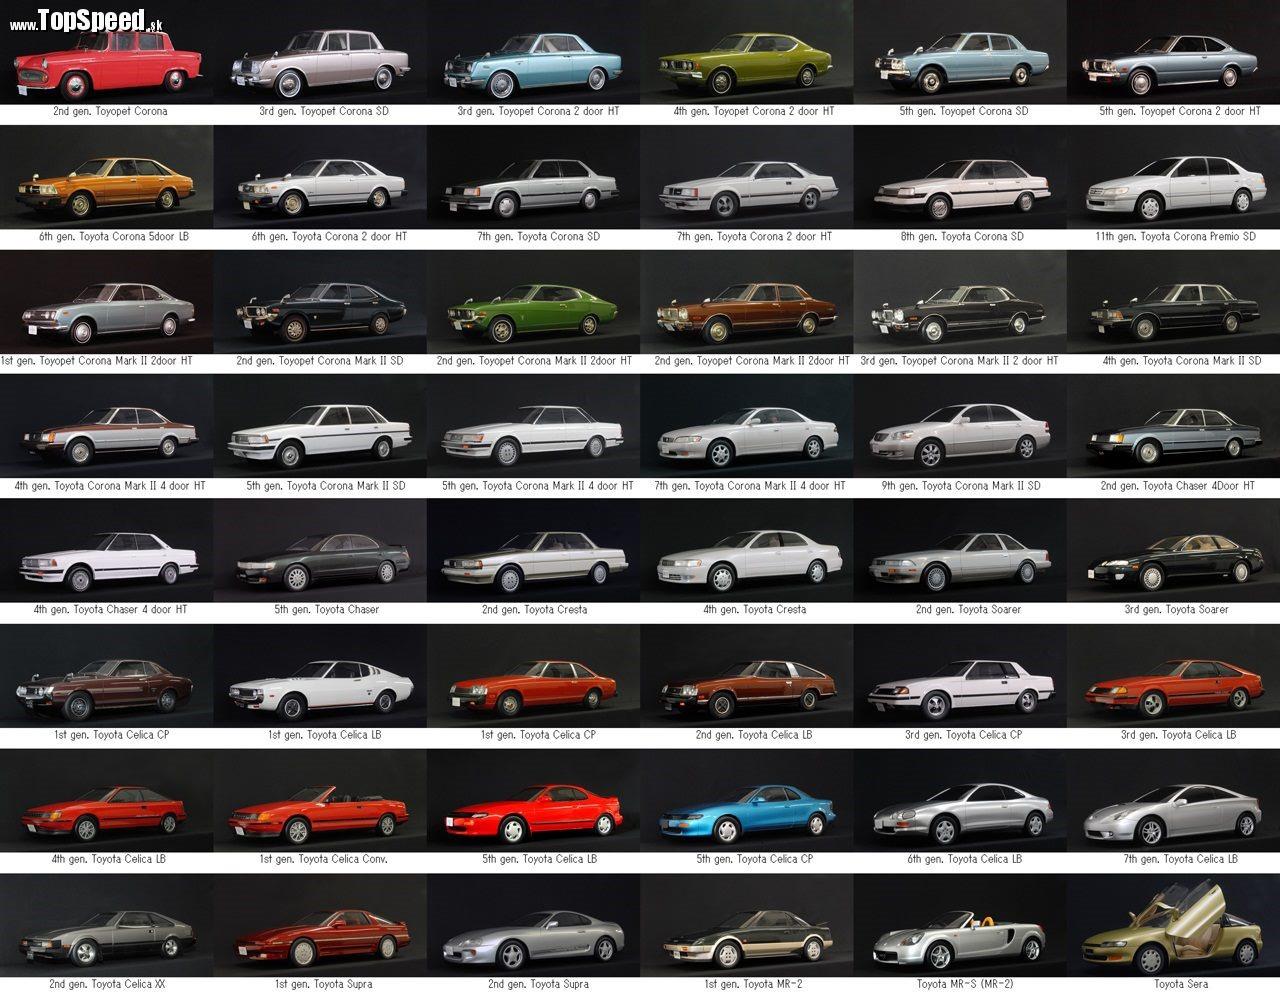 V priestroch múzea je okrem 50 zmenšených modelov aj niekoľko skutočných kusov.